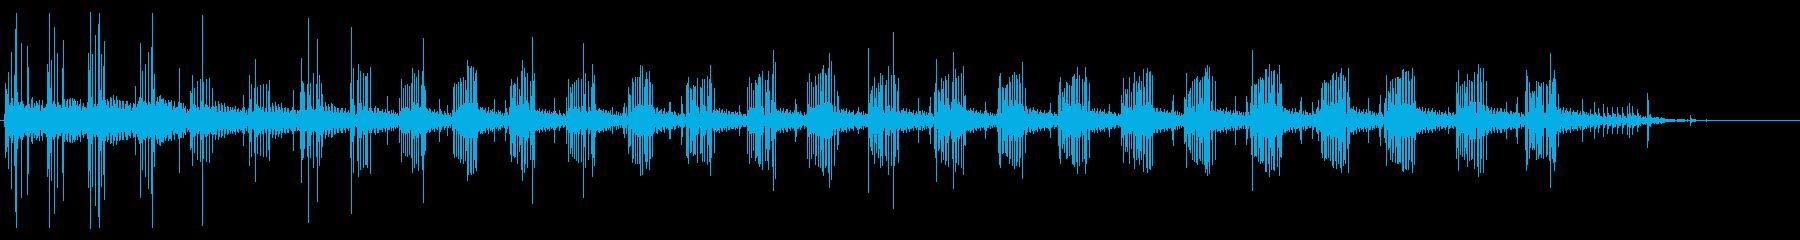 1915ハーレーダビッドソン100...の再生済みの波形